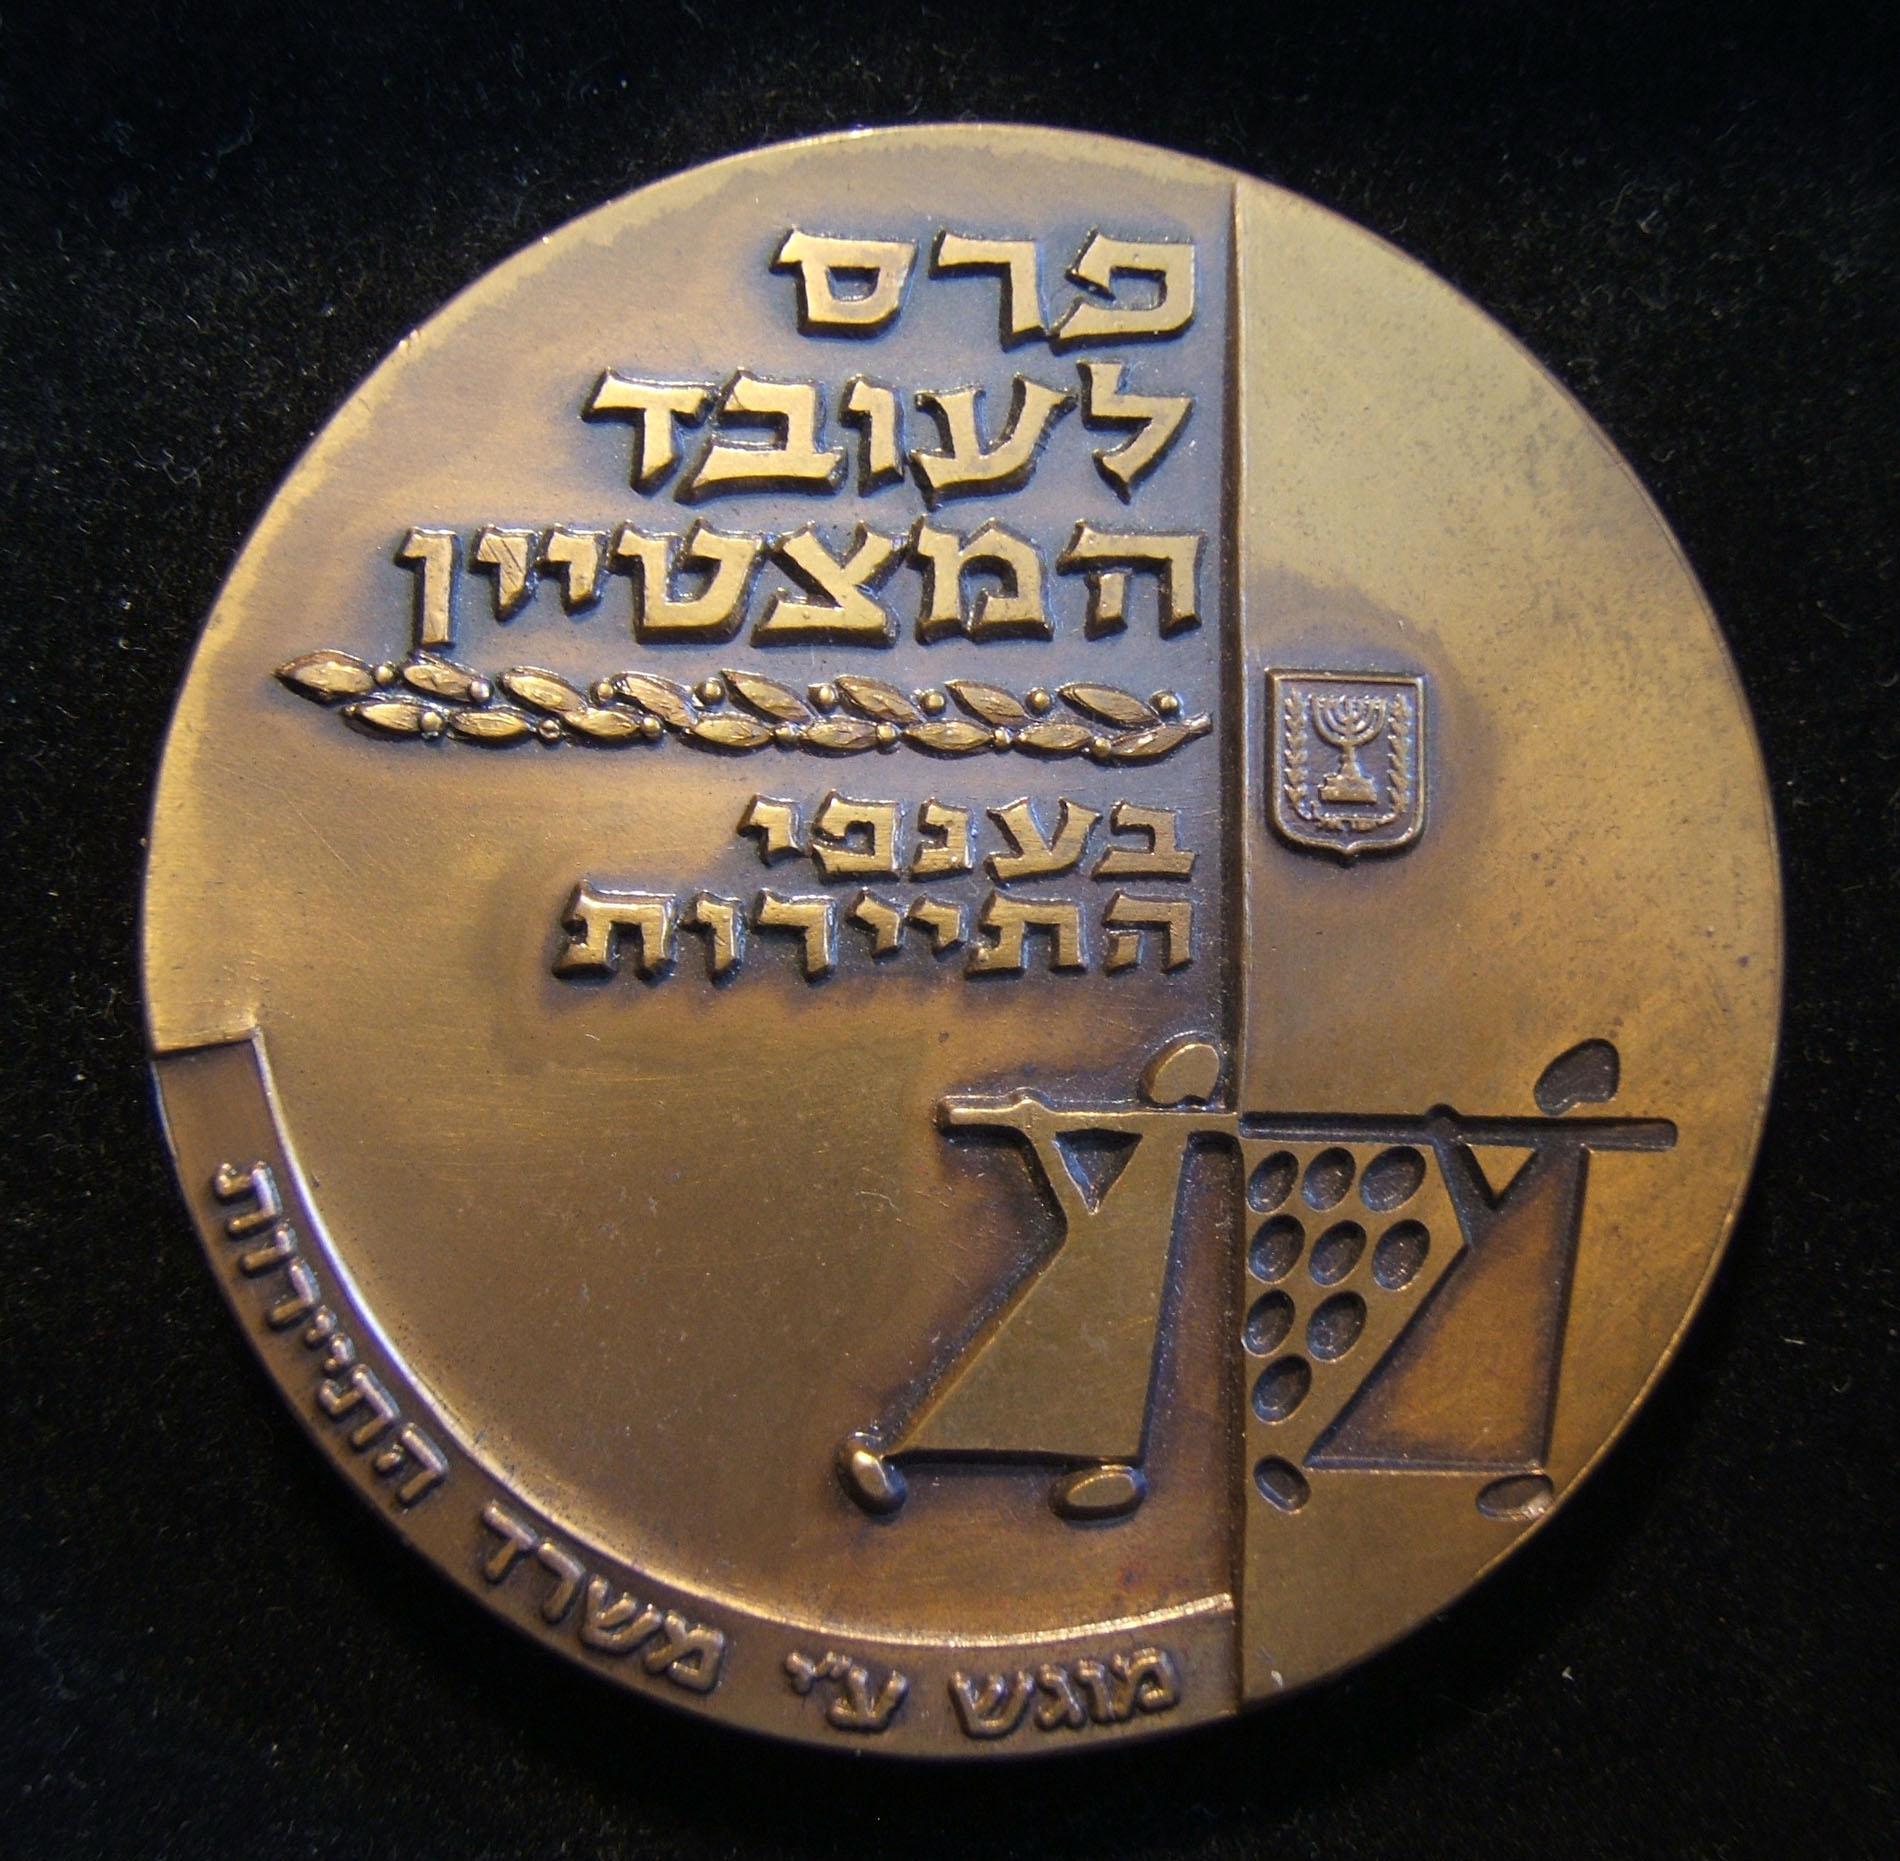 Israel: Preis für herausragende Mitarbeiter in der Tourismusindustrie, offizielle Medaille aus Bronze, ND (1966); entworfen von David Shore; Größe: 59 mm; Gewicht: 94,8 g. Diese Ve